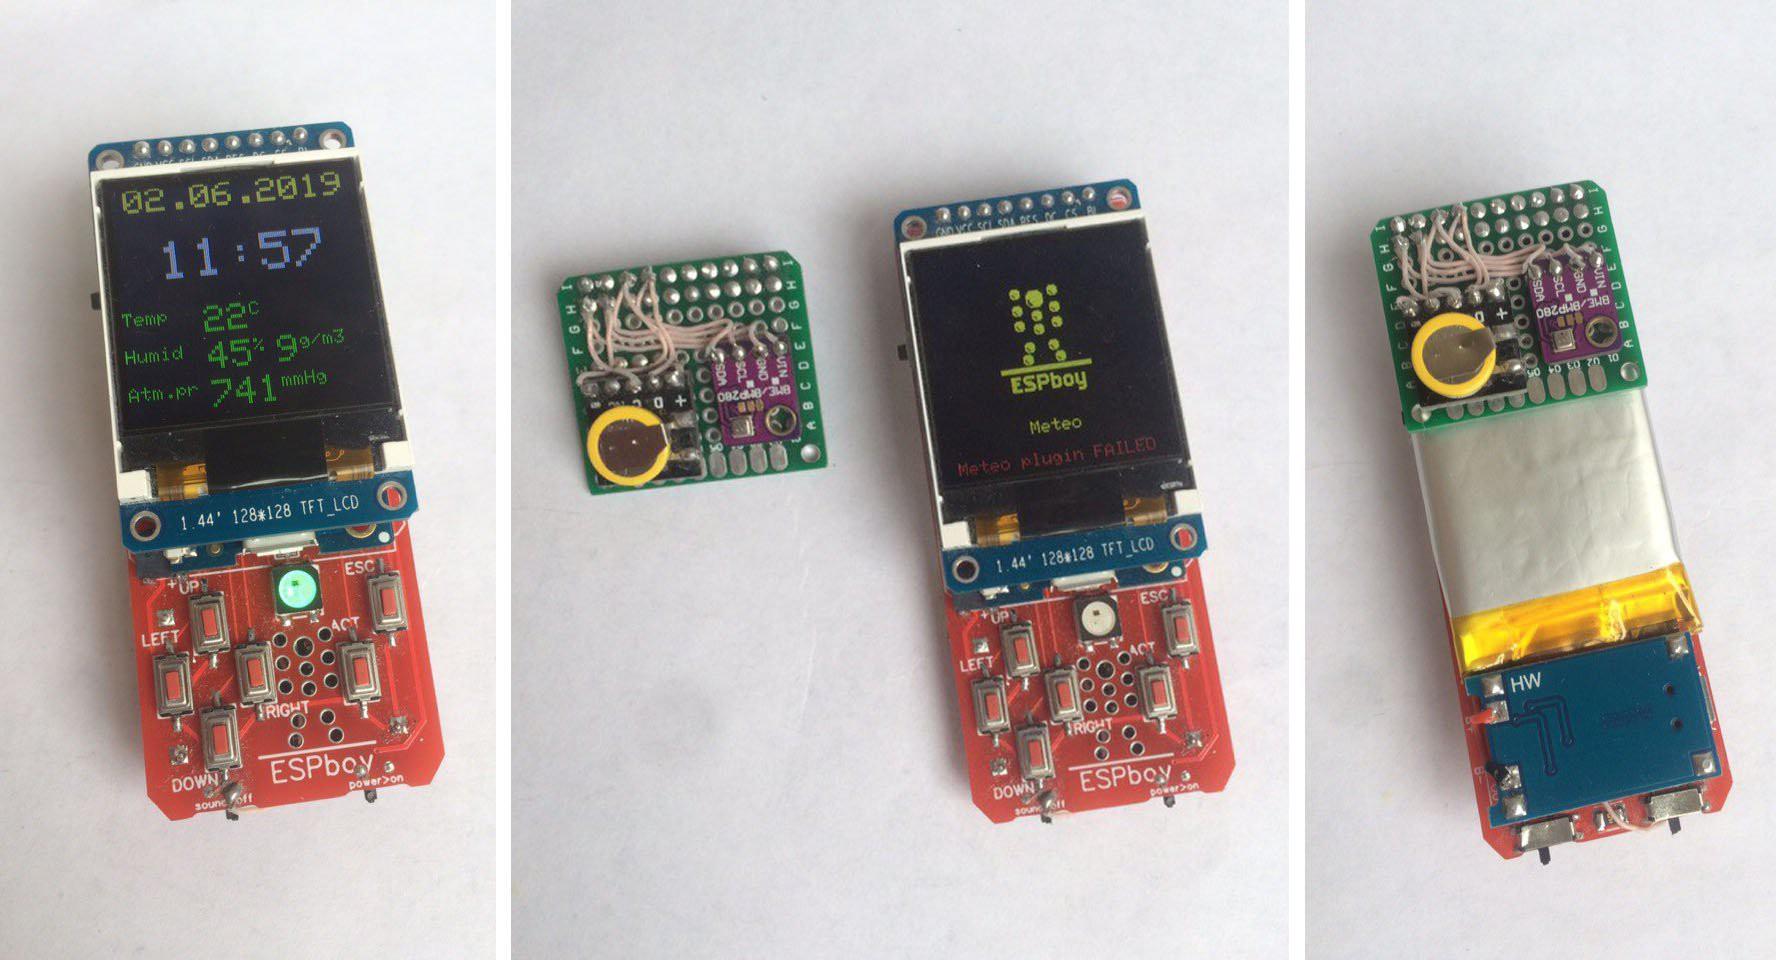 Часть 2: Mодули и AppStore. ESPboy — гаджет для ретро игр и экспериментов с IoT - 7